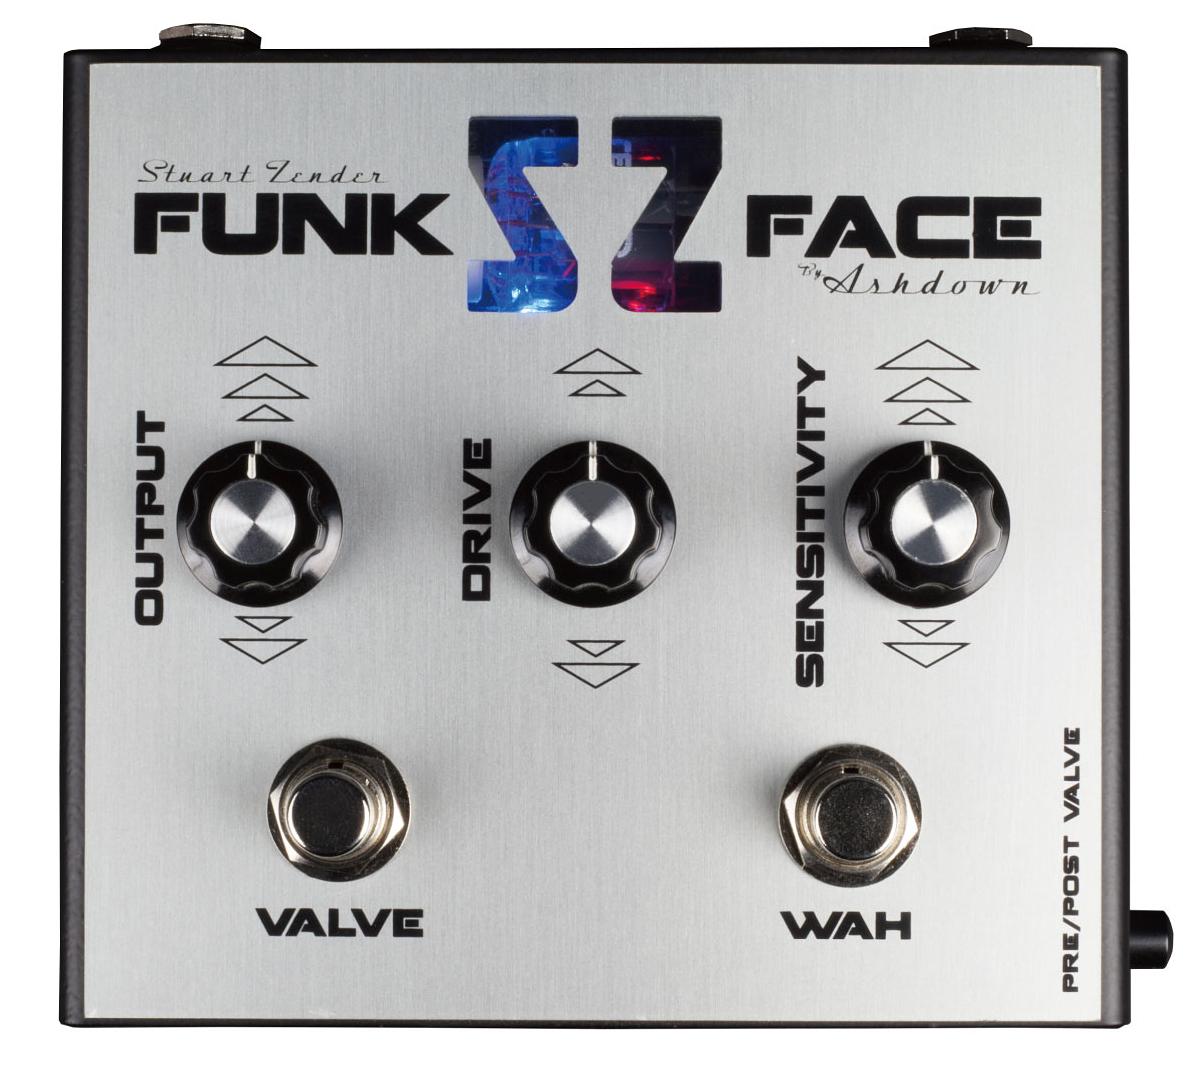 Ashdown SZ Funk Face 新品 フィルター[アッシュダウン][ファンクフェイス][スチュワートゼンダー][ベース用][Filter][Effector,エフェクター,ペダル]